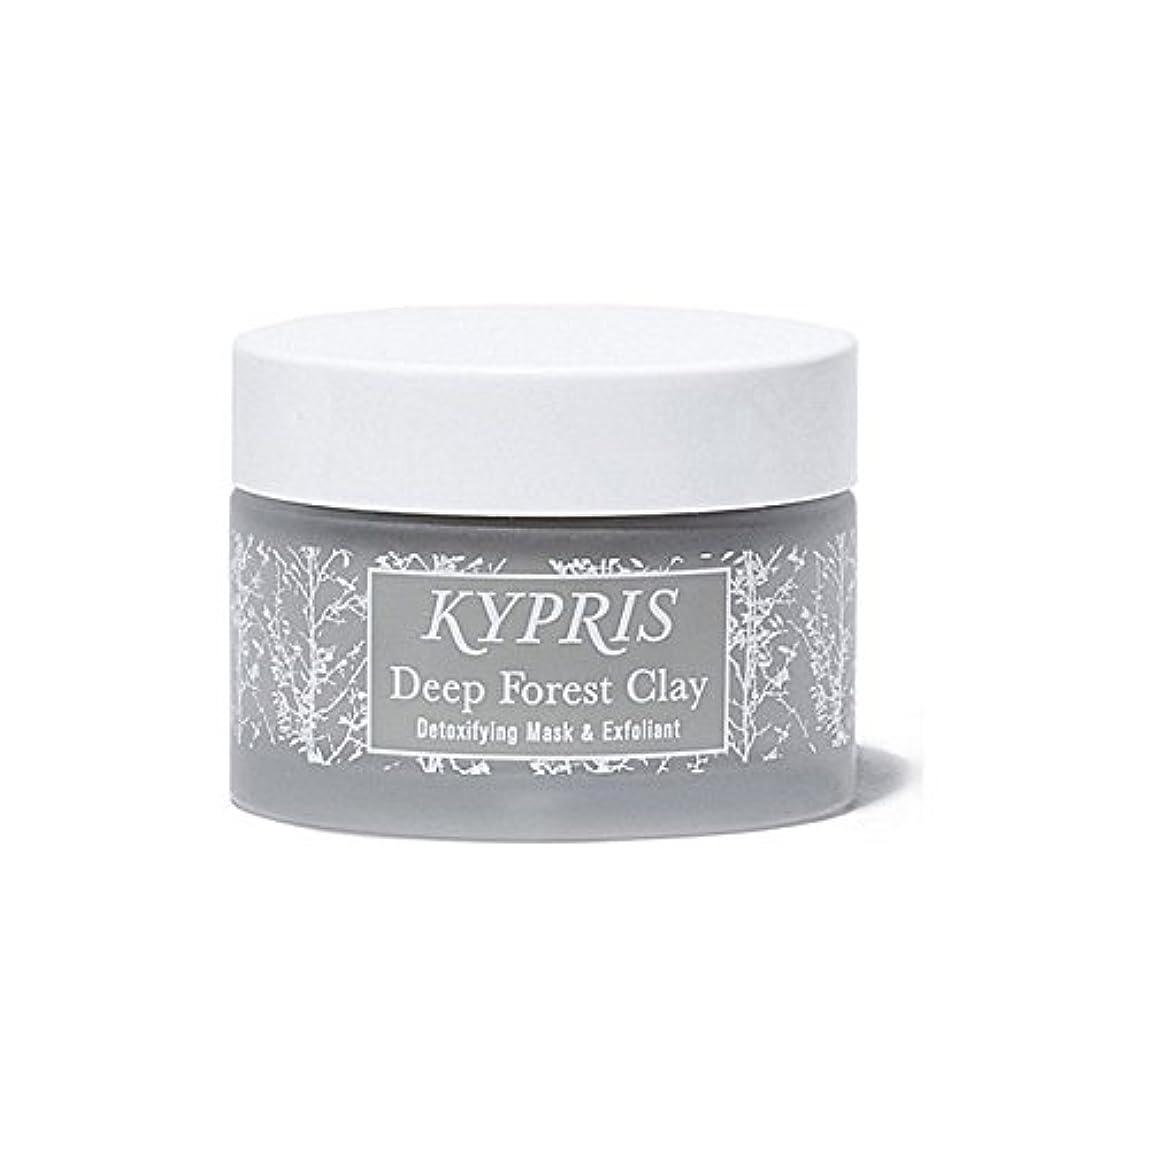 クリアキロメートル暴力的な深い森粘土を x2 - Kypris Deep Forest Clay (Pack of 2) [並行輸入品]